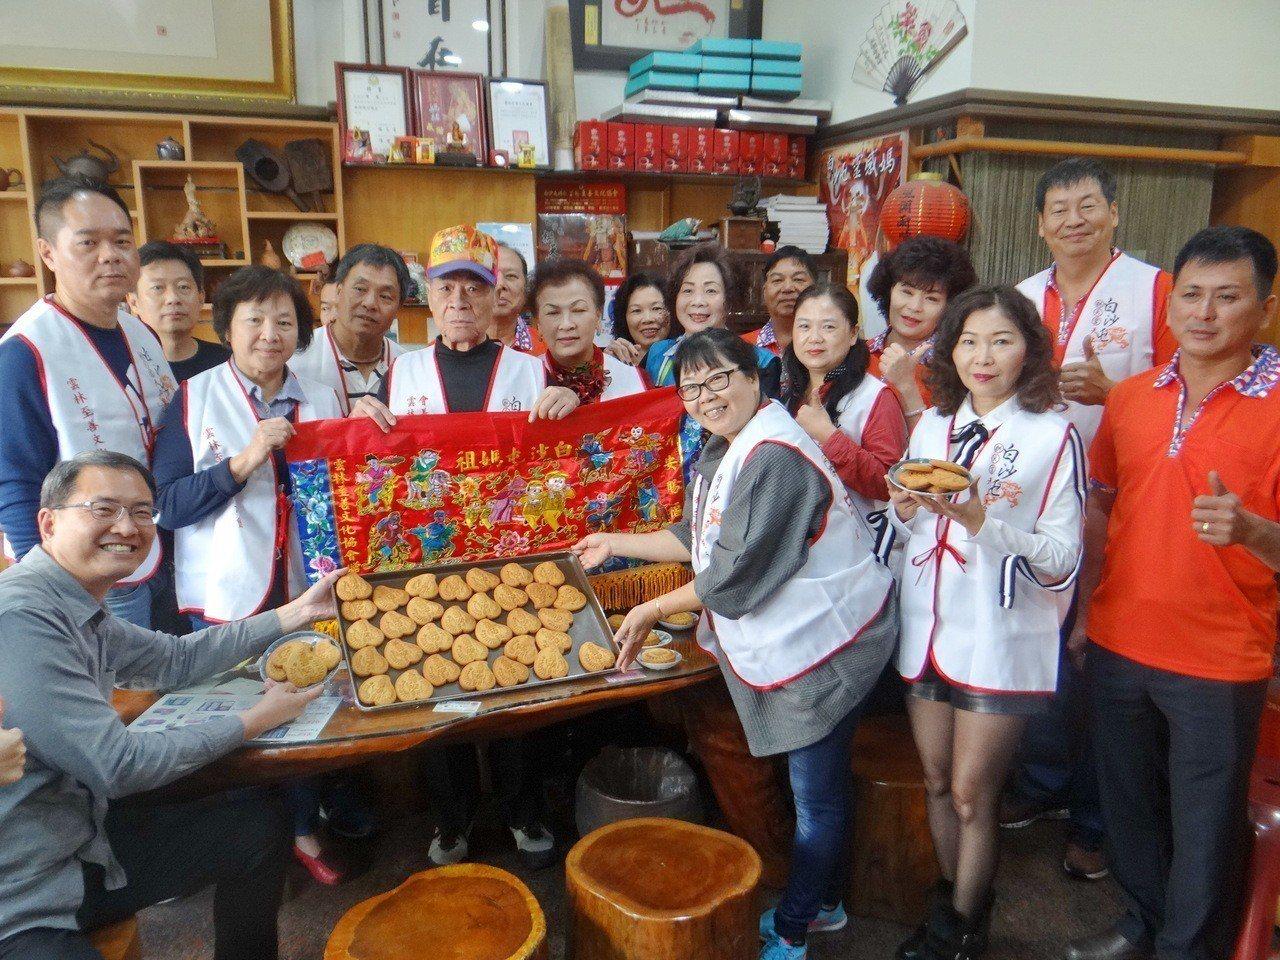 雲林至善文化協會感念白沙屯媽祖進香團徒步辛勞,設計造型獨特的「至善平安餅」送給信...